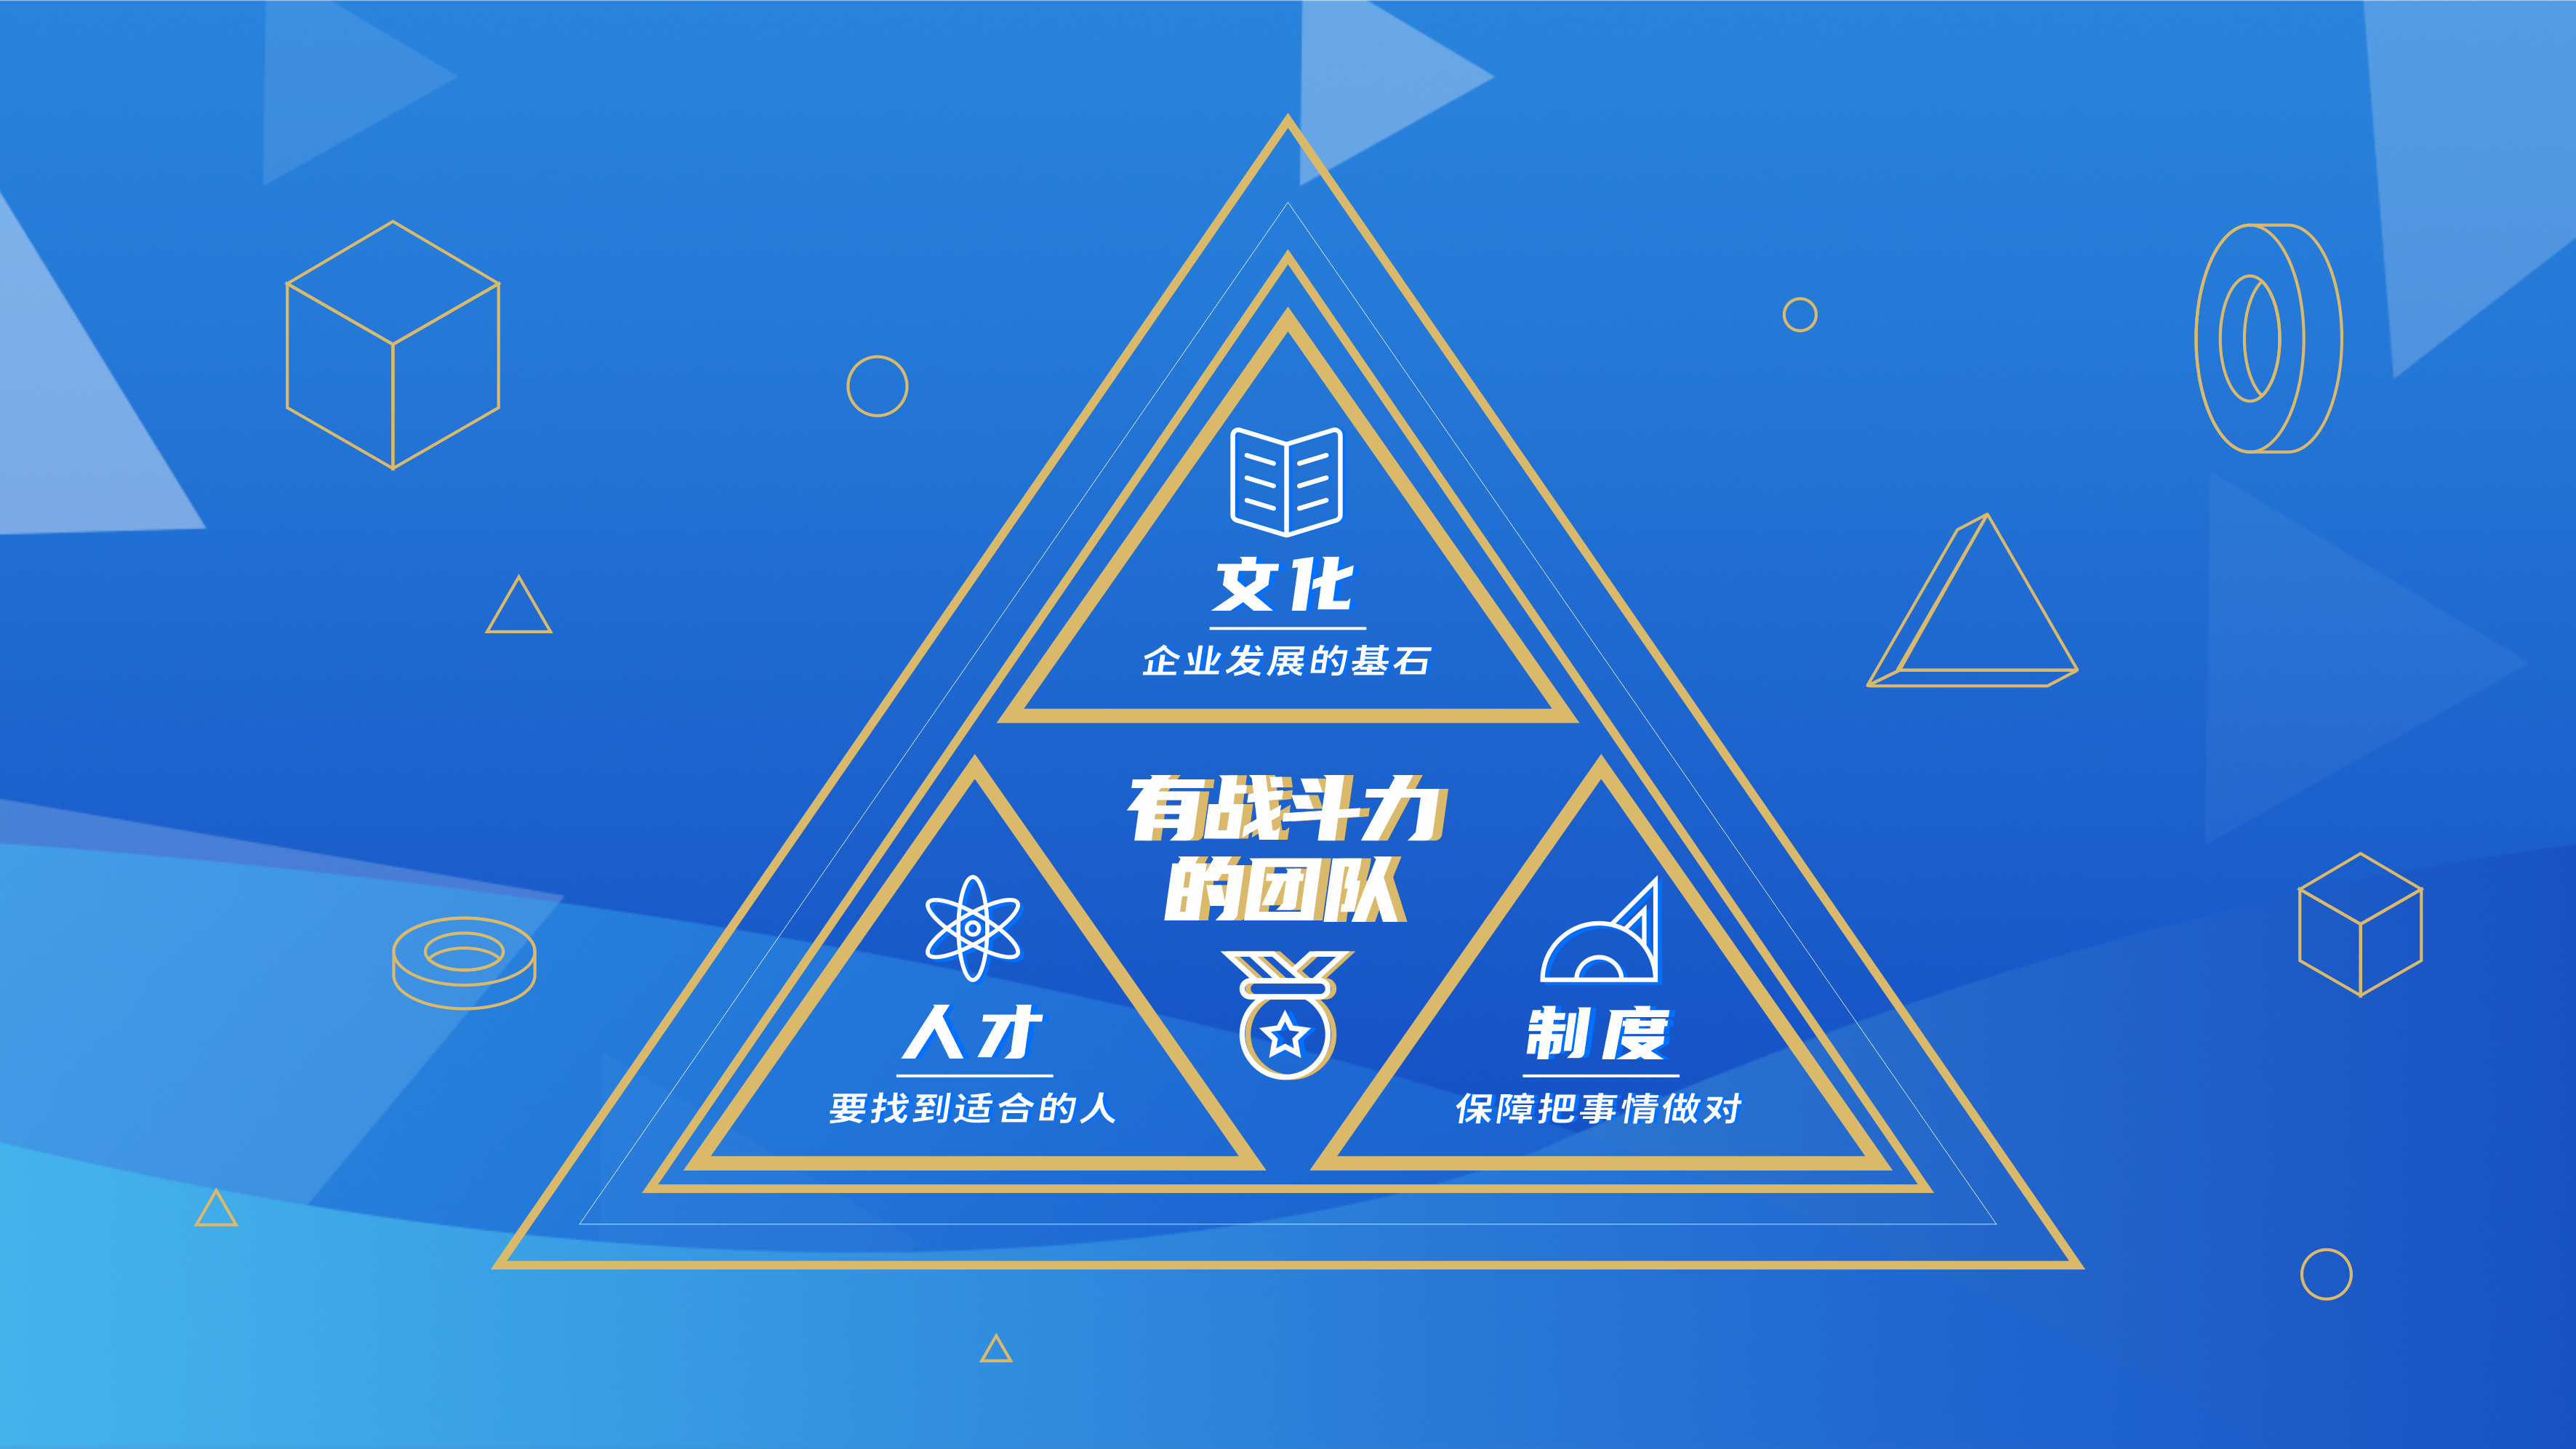 20210118小熊U租logoVI.png00.png